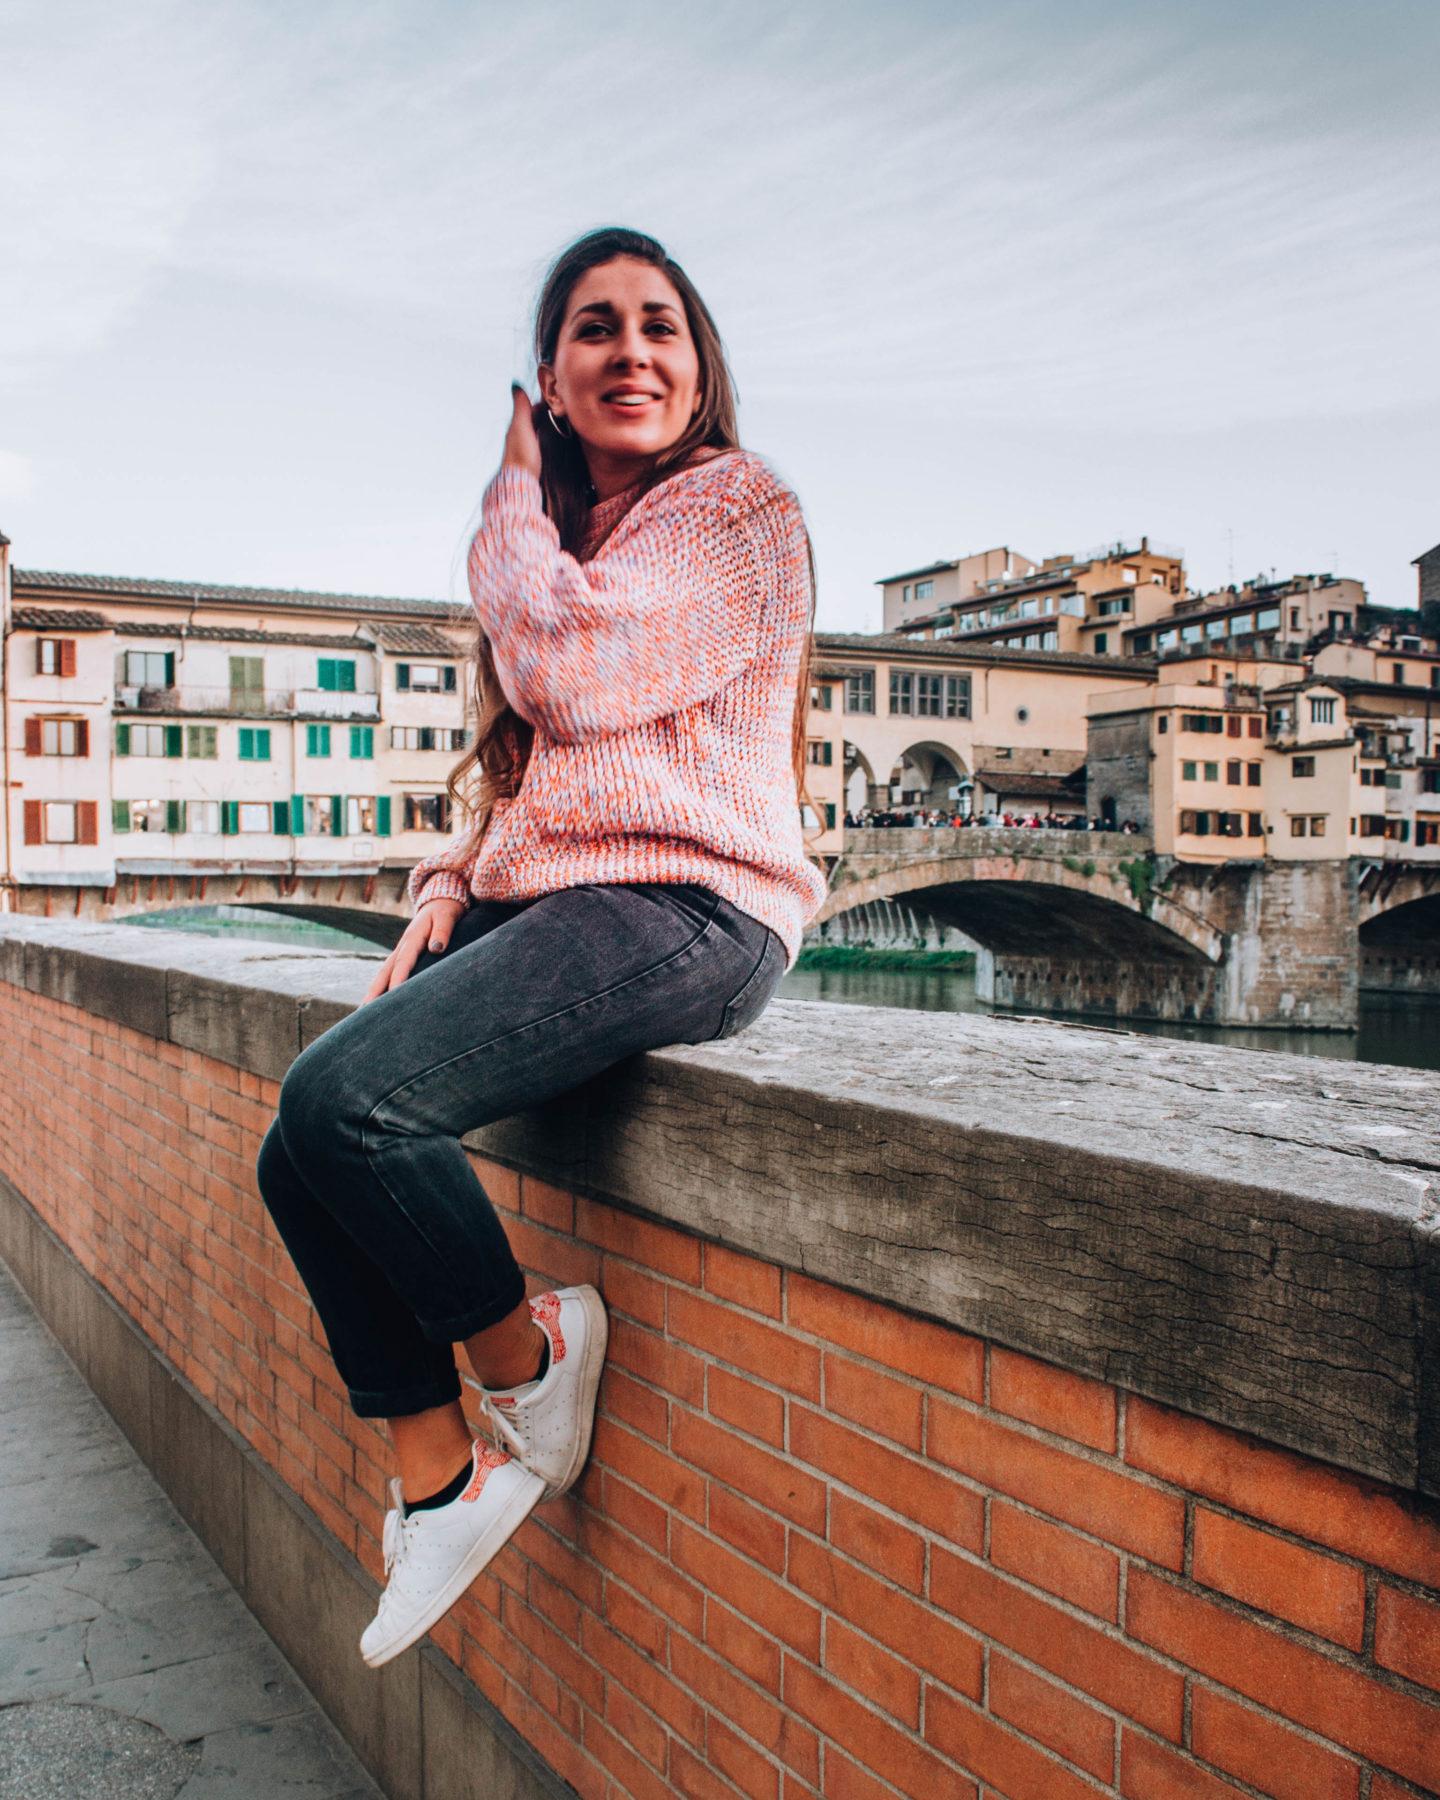 ragazza con maglione rosa seduta sul lungarno davanti ponte vecchio